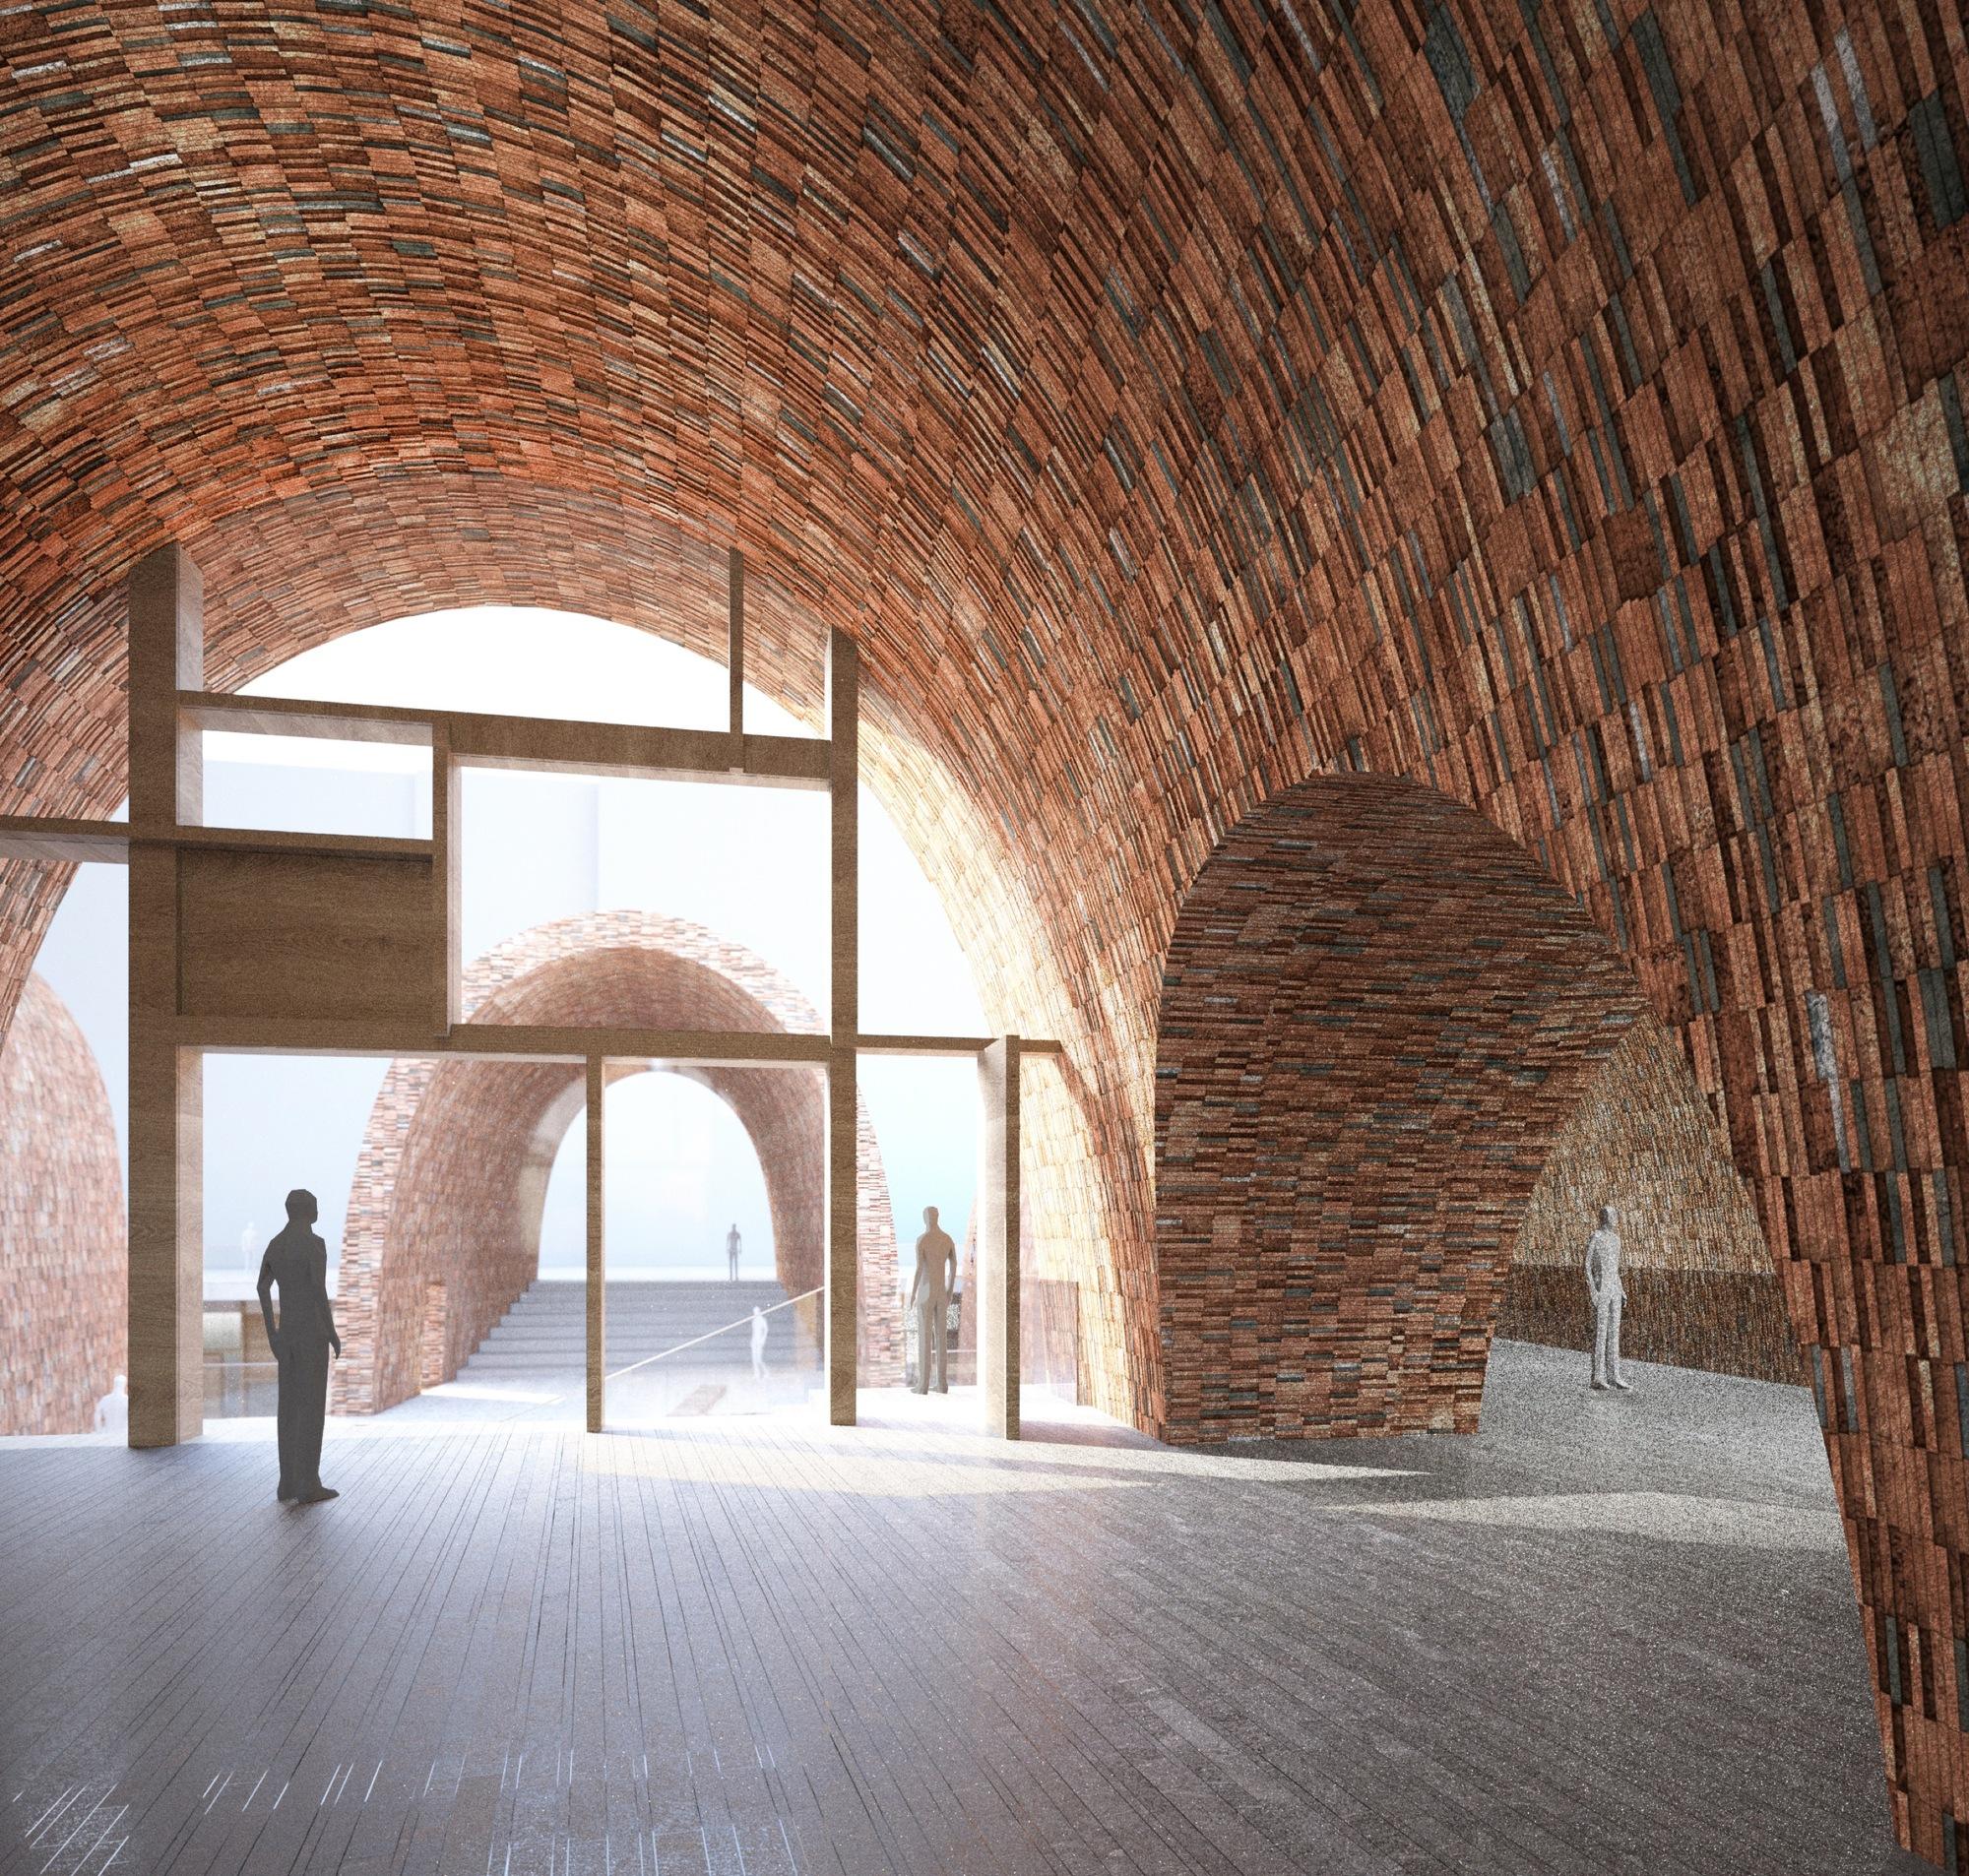 Galer a de studio pei zhu dise a un museo abovedado inspir ndose en antiguos hornos de cer mica 12 - Disena studio ...